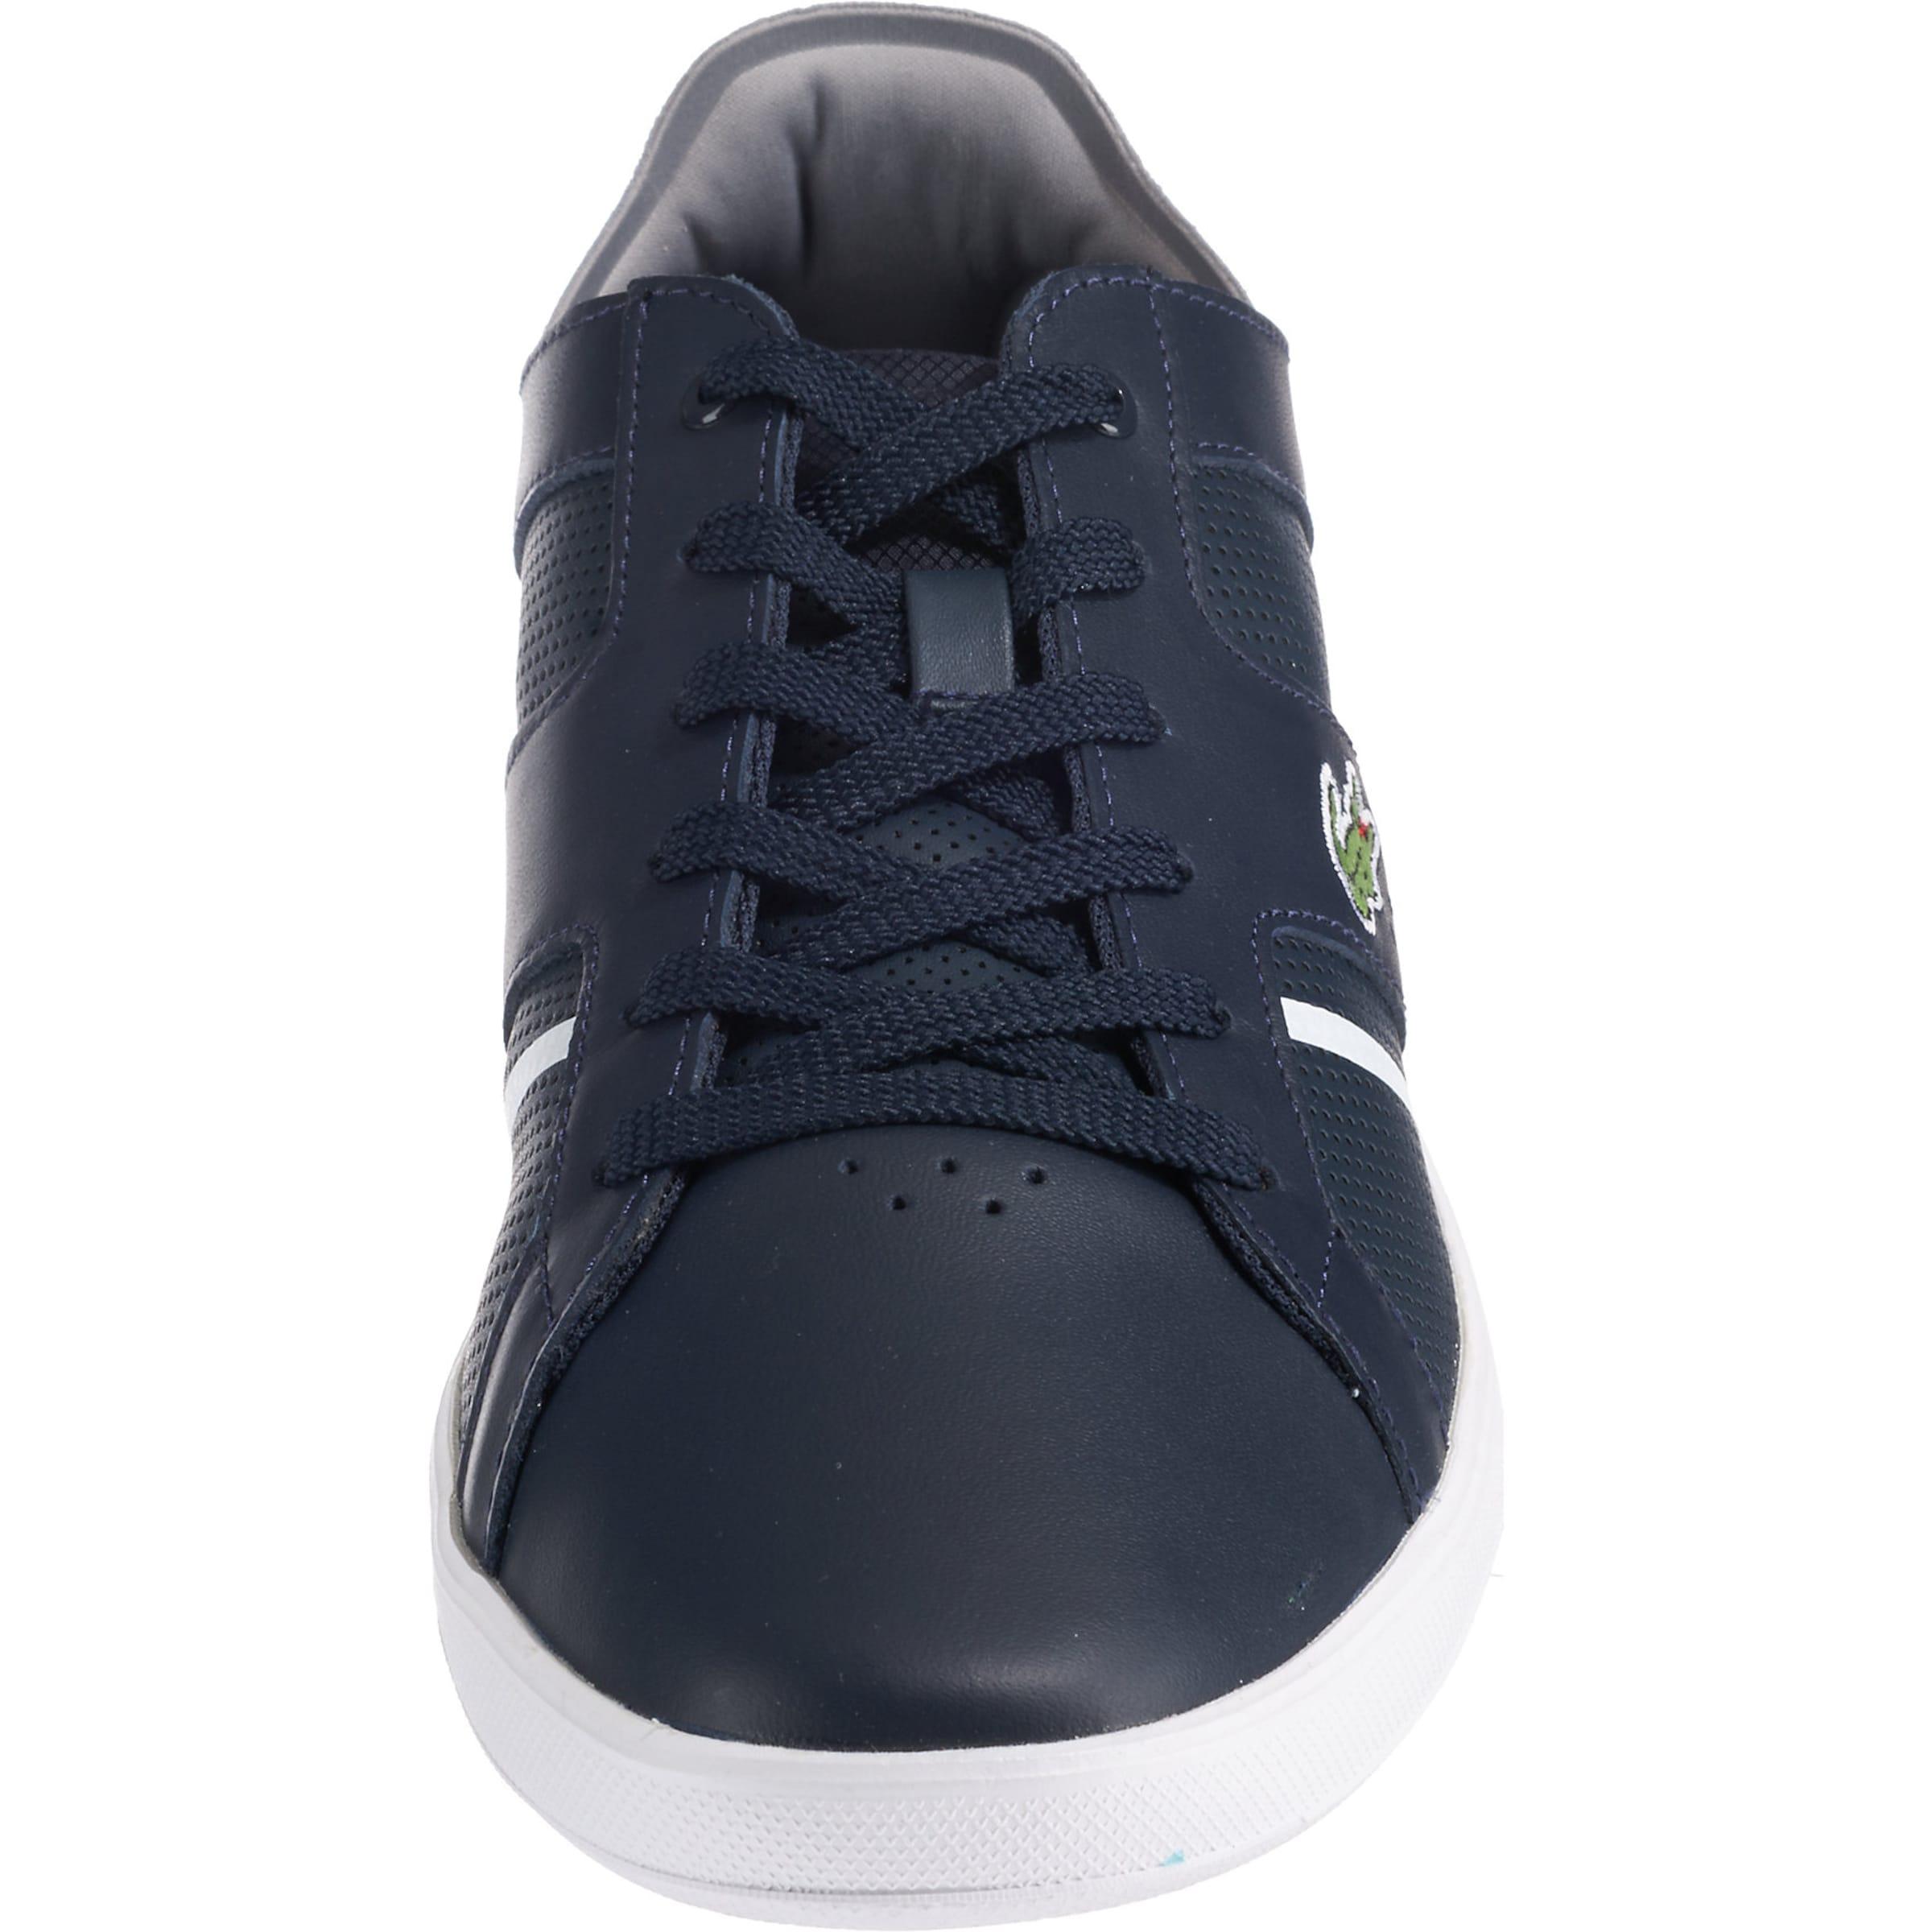 HerrenSneaker 119 Lacoste 1 Sma' 'novas In Navy nwkX08OP